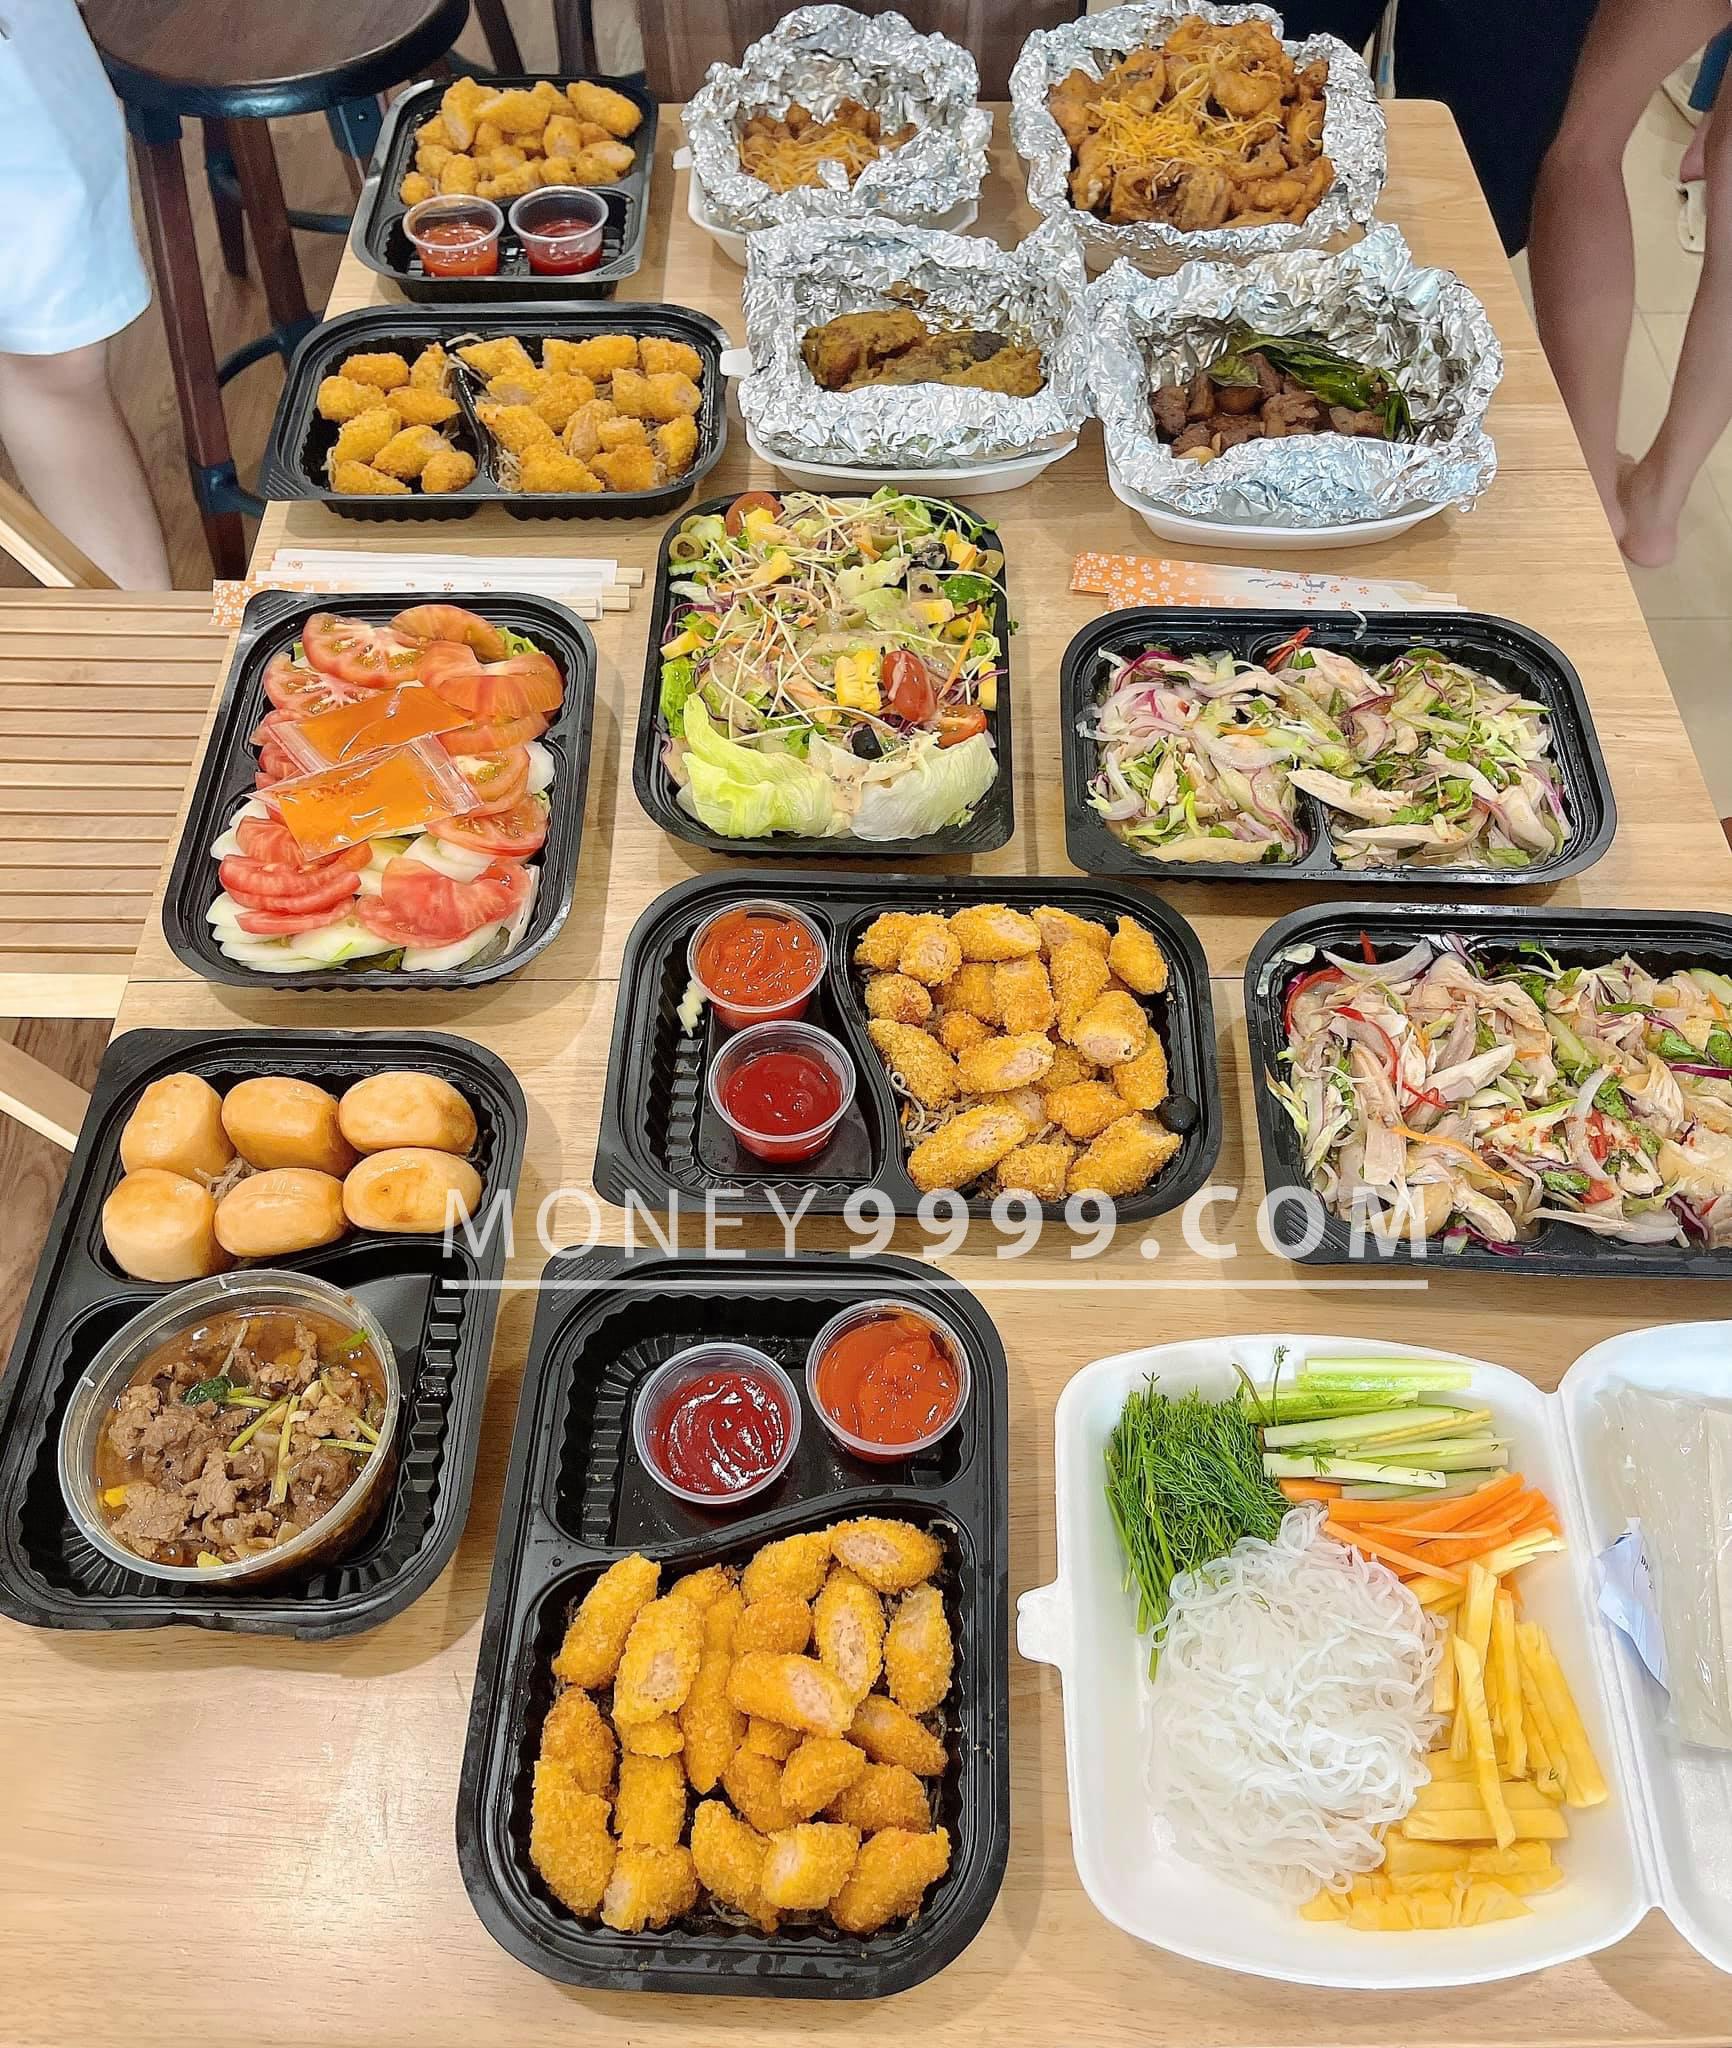 Đặt đồ ăn giảm giá 50% với Voucher VIP Vườn Thượng Đế